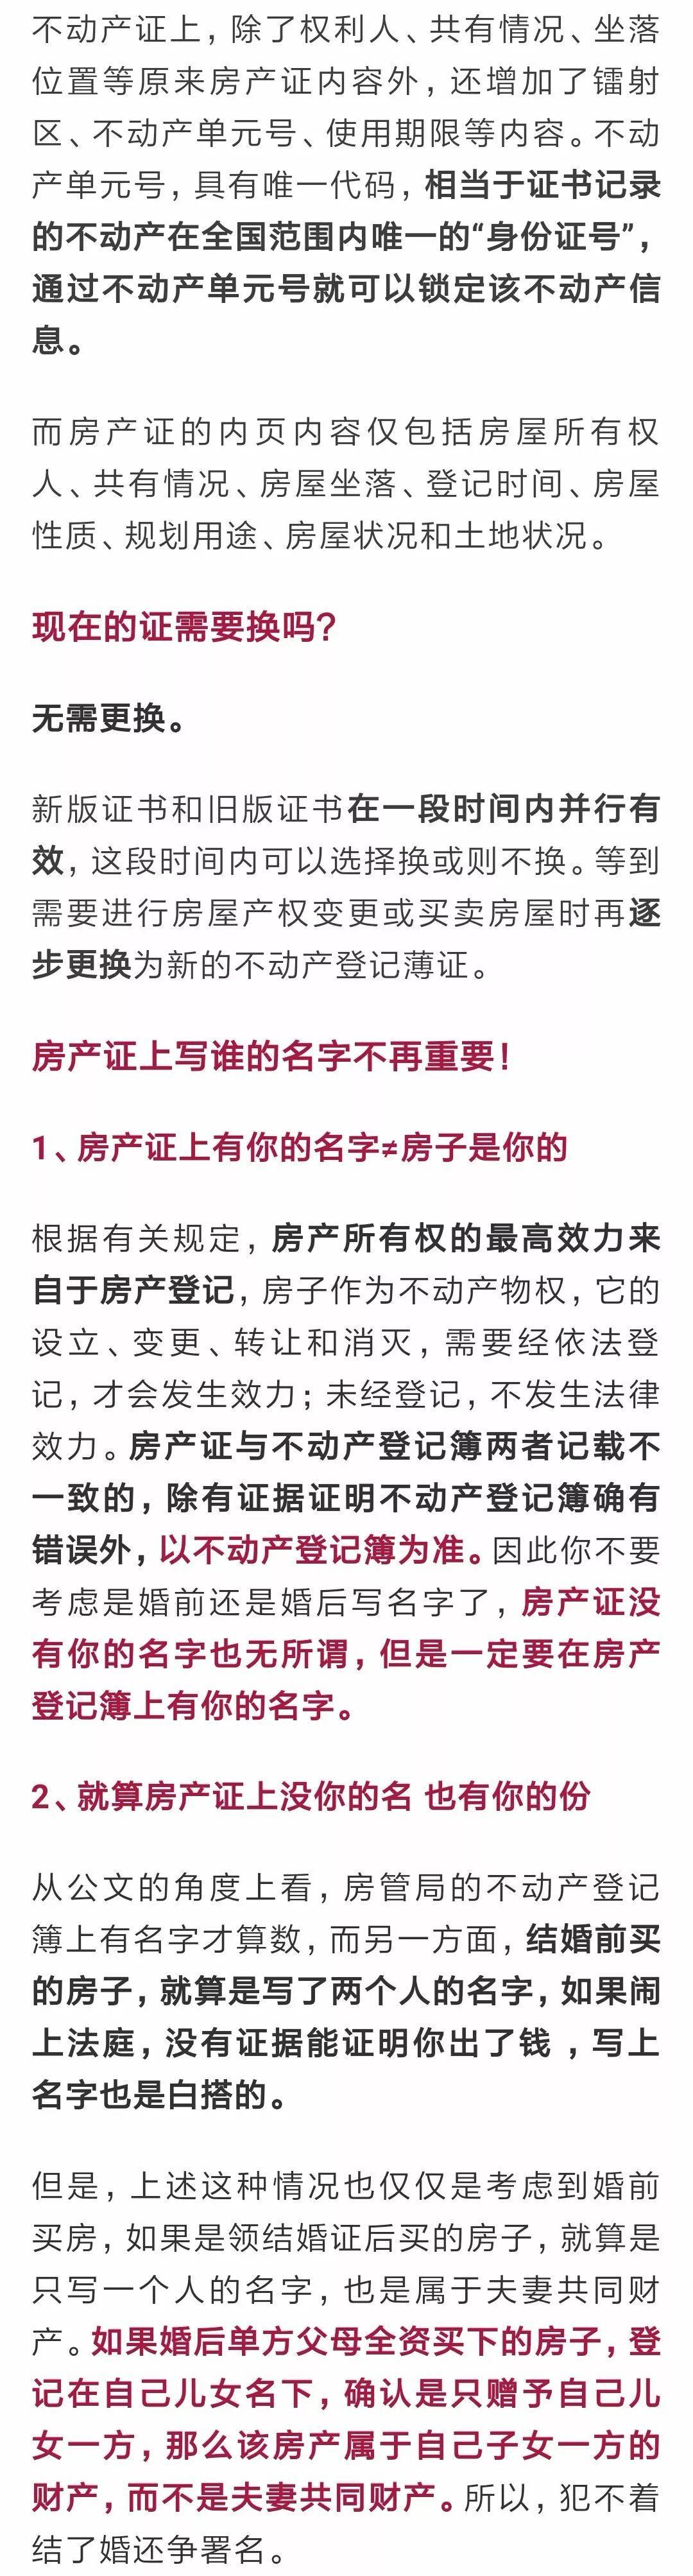 全国人口姓名测试_全国有多少人名字叫鲁青秀